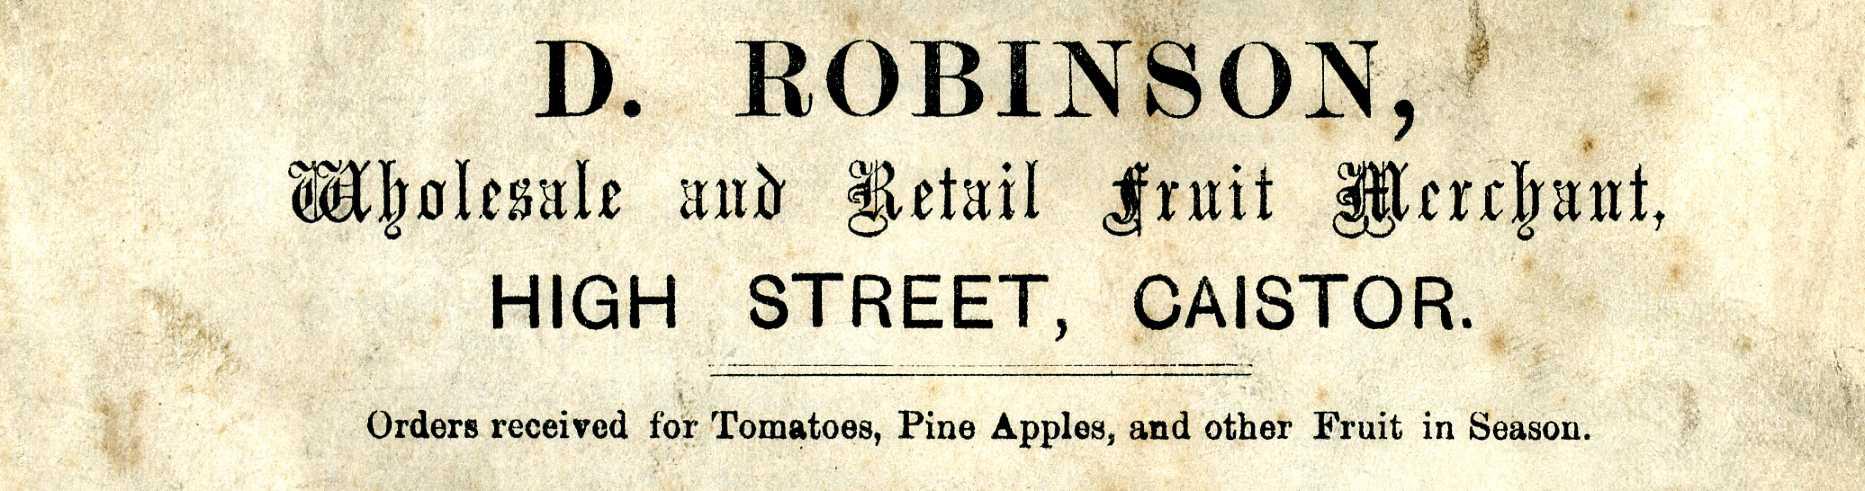 1898 Dec Robinson009.jpg